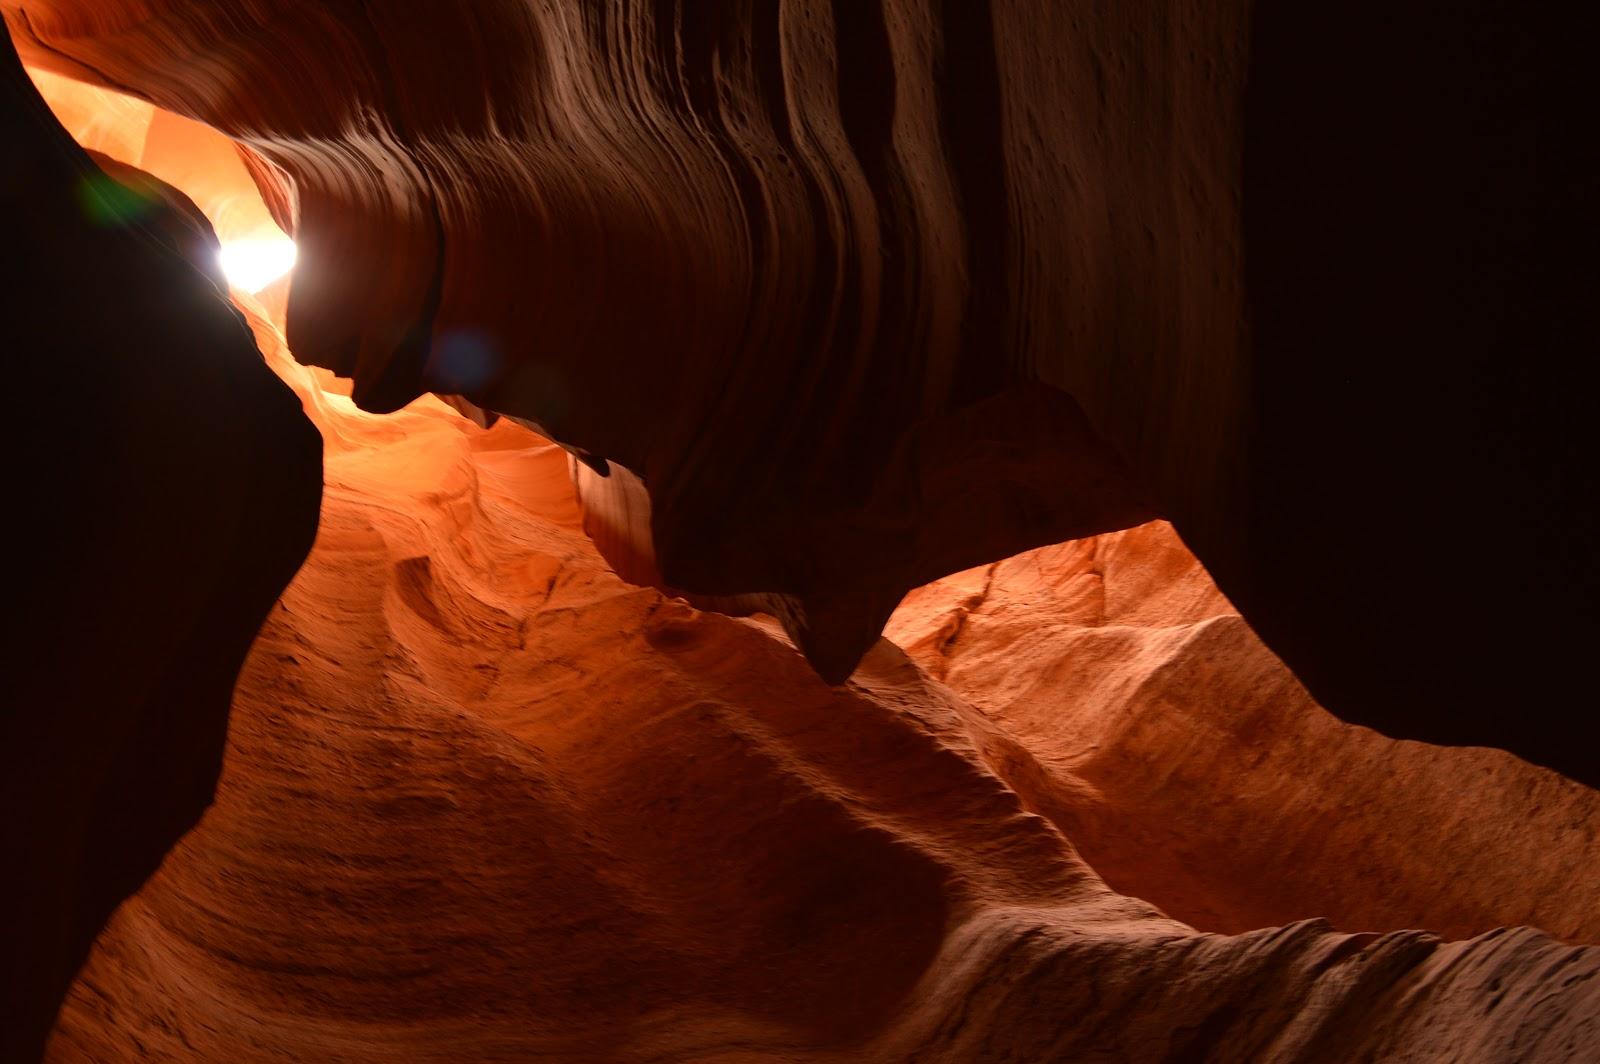 Kanion szczelinowy kameralnie - Antelope Canyon X